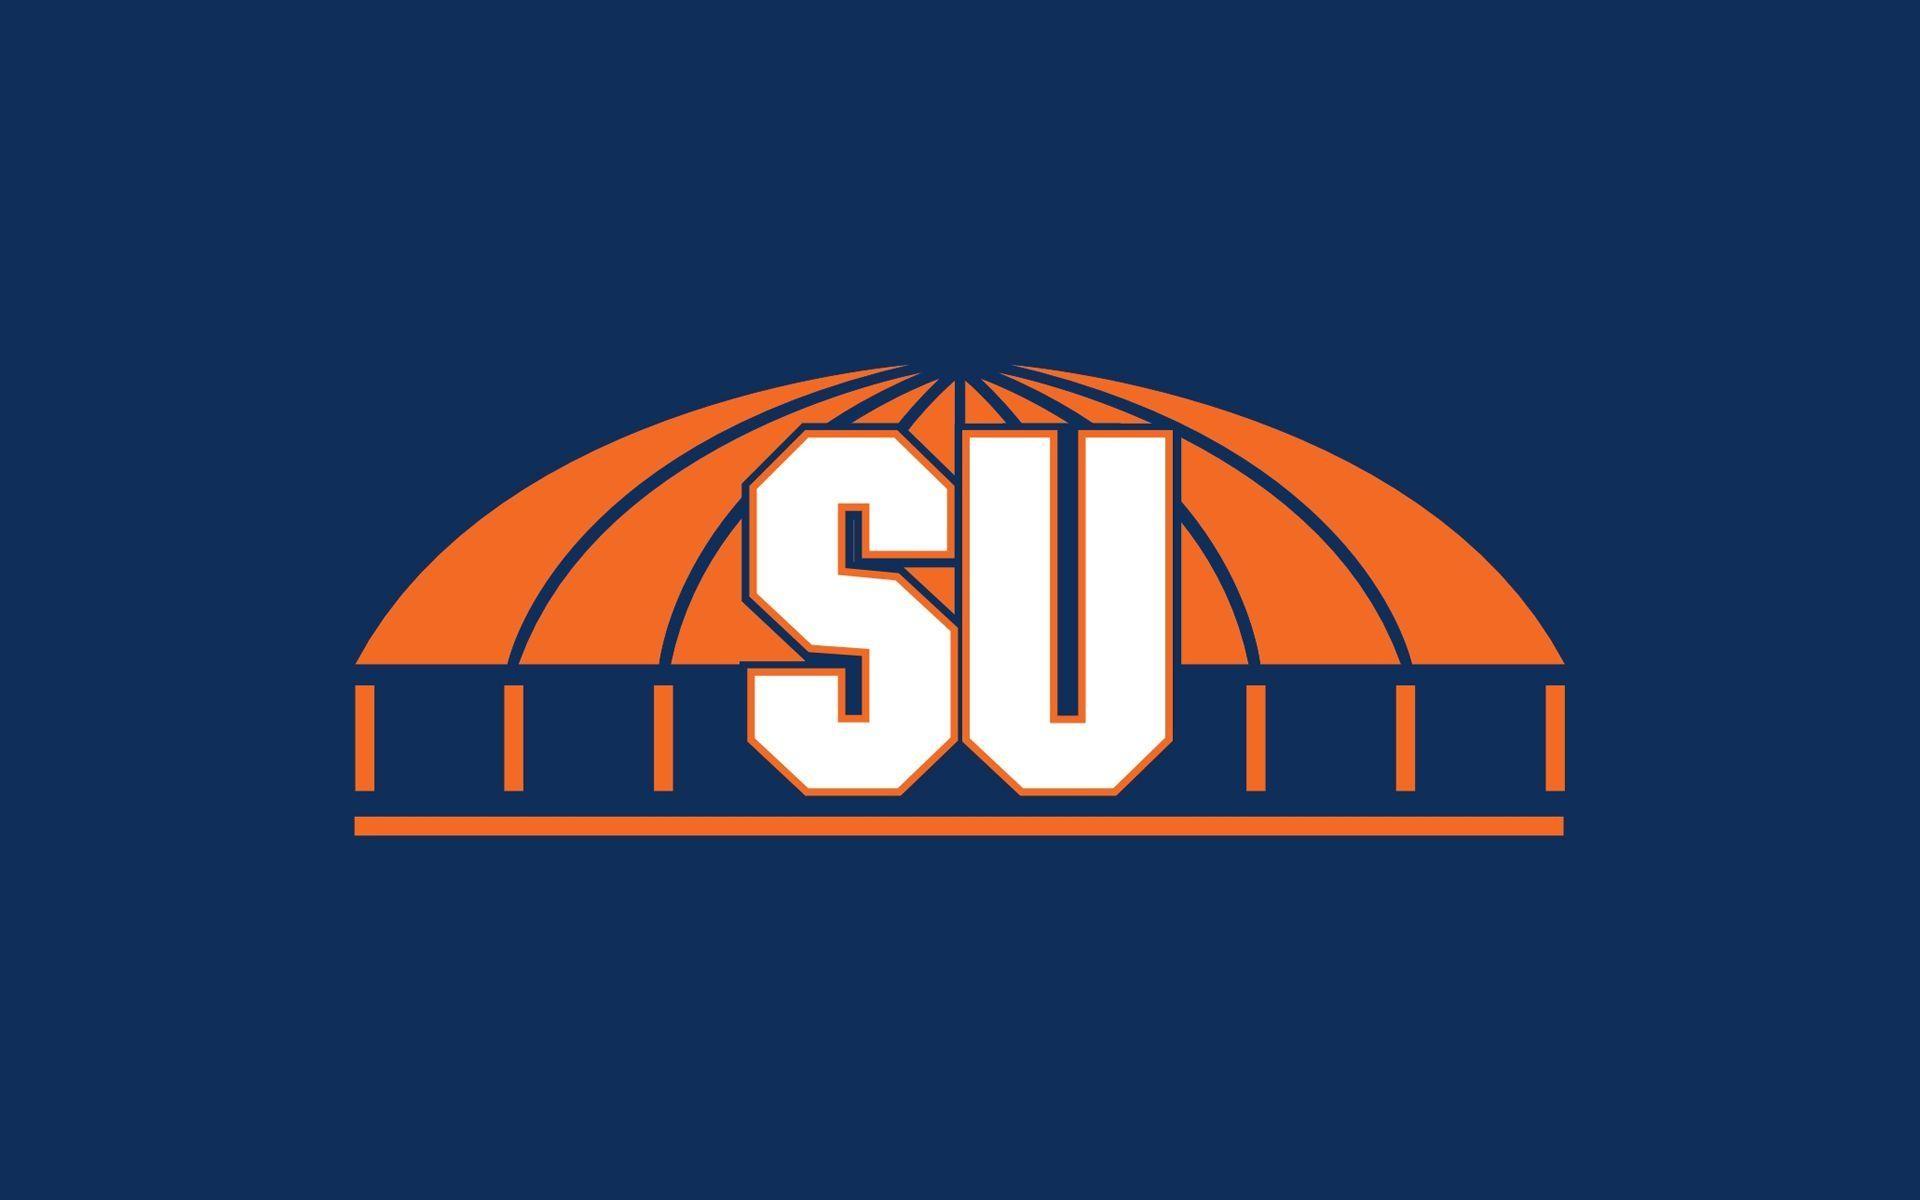 Syracuse University Desktop Wallpaper – WallpaperSafari